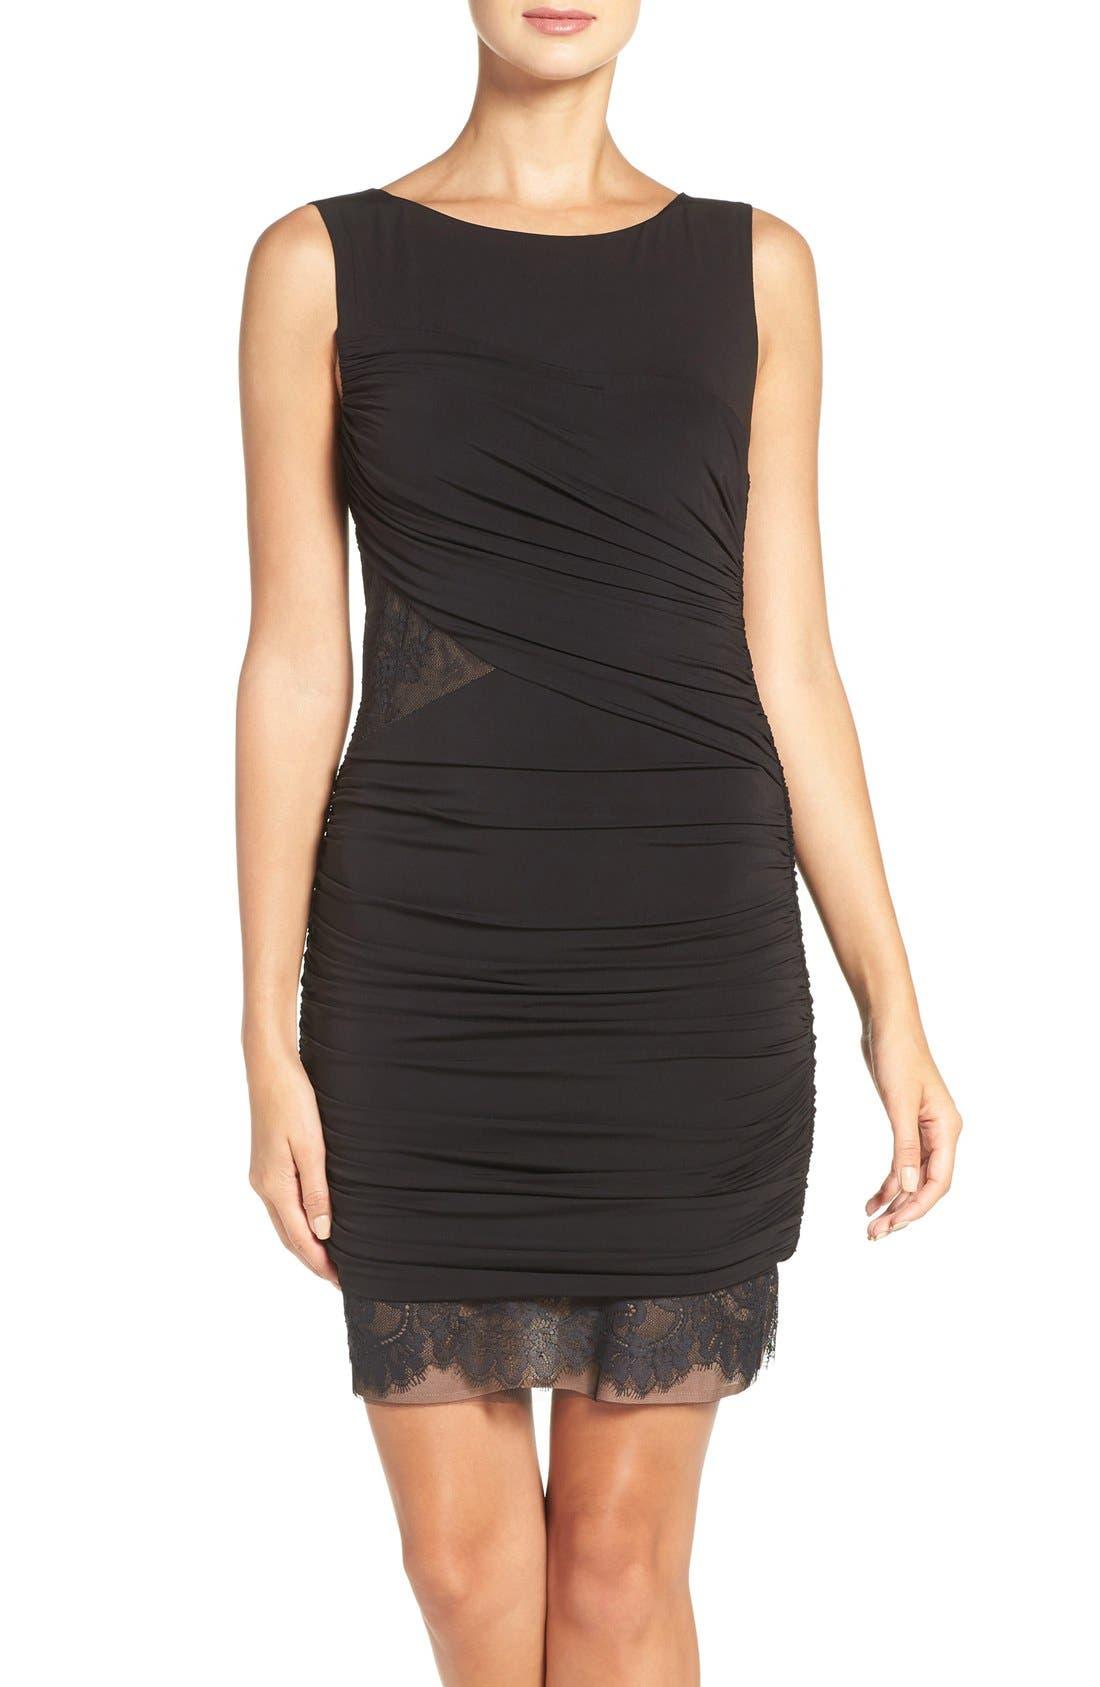 Main Image - BCBGMAXAZRIA 'Clio' Ruched Jersey Body-Con Dress